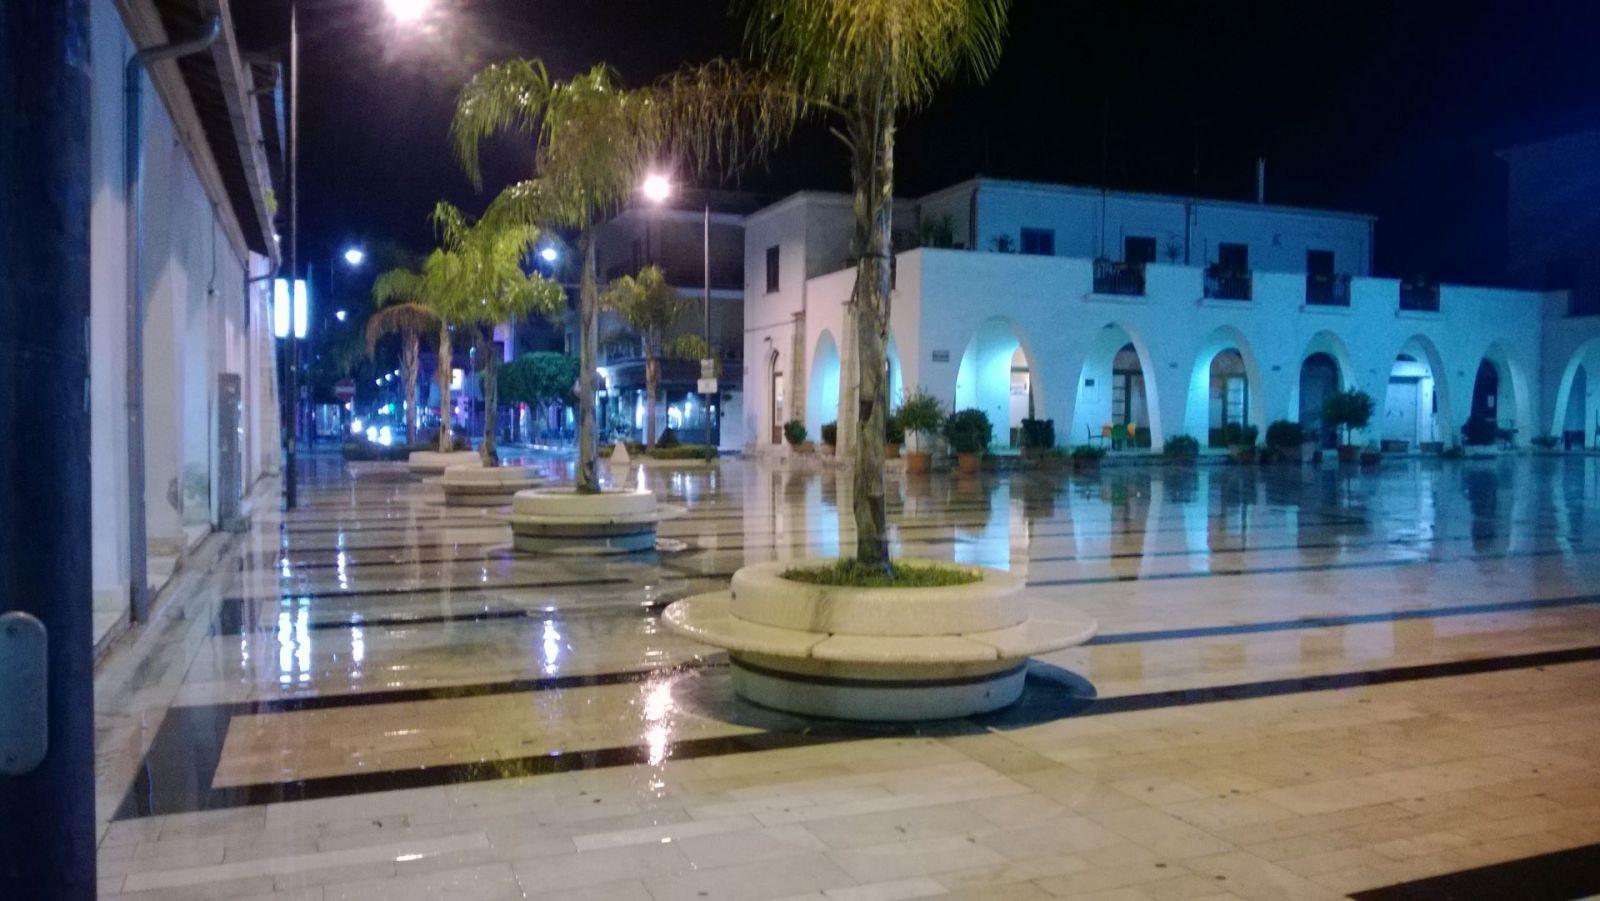 di sera con pioggia